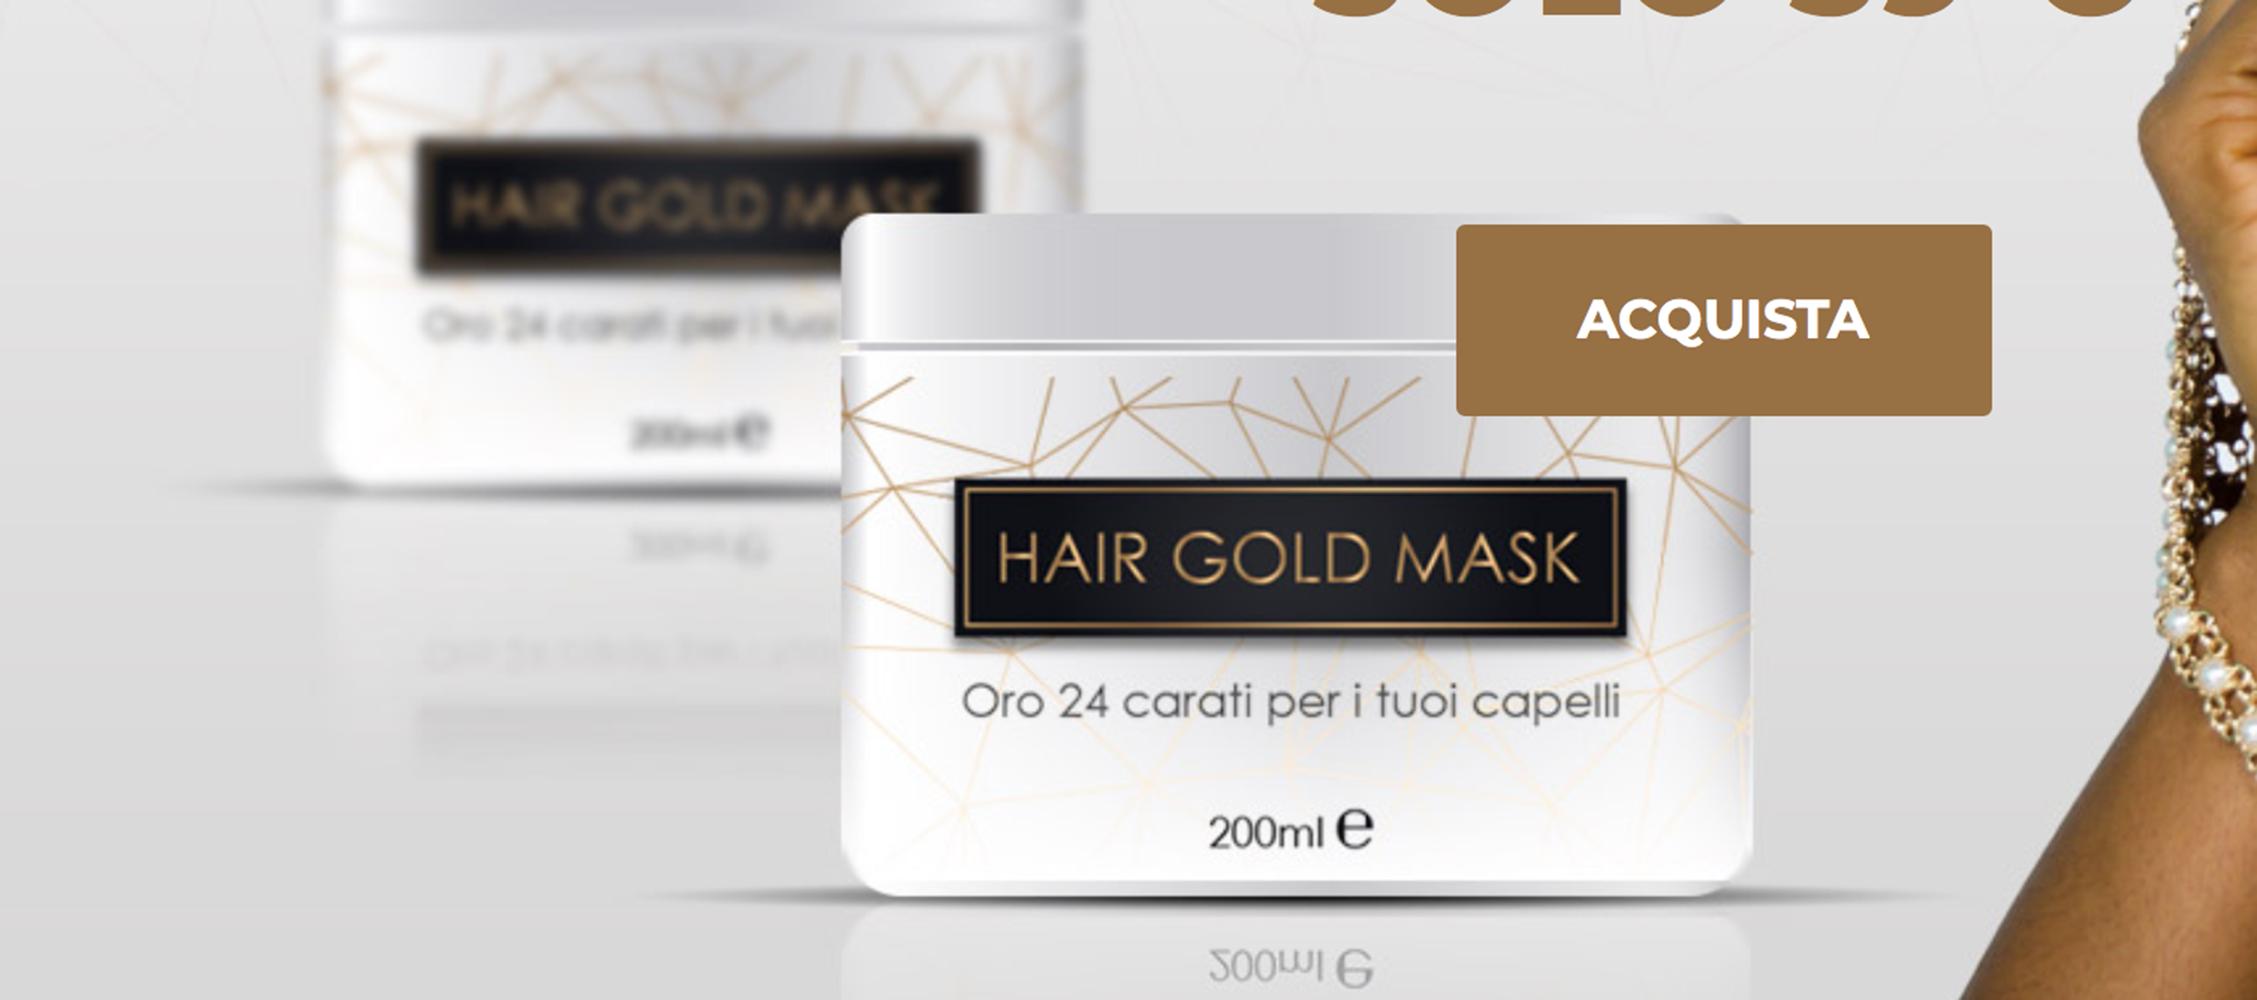 Hair Gold Mask, funziona? Opinioni e recensioni